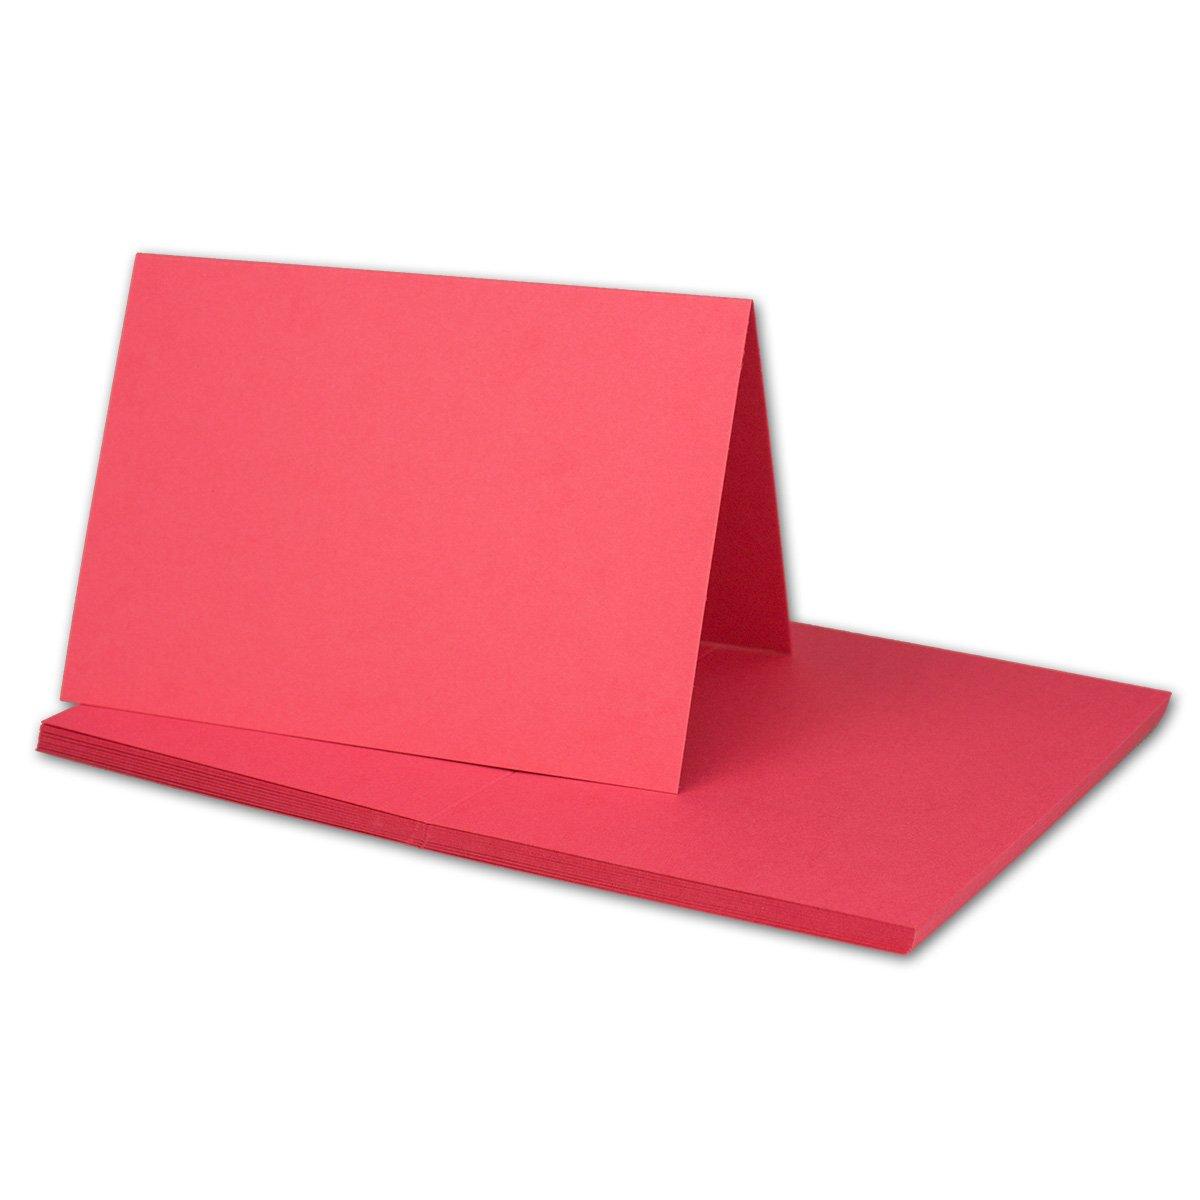 250x Falt-Karten DIN A6 Blanko Doppel-Karten in Hochweiß Kristallweiß -10,5 x 14,8 cm   Premium Qualität   FarbenFroh® B079X3CWPB | Angenehmes Aussehen